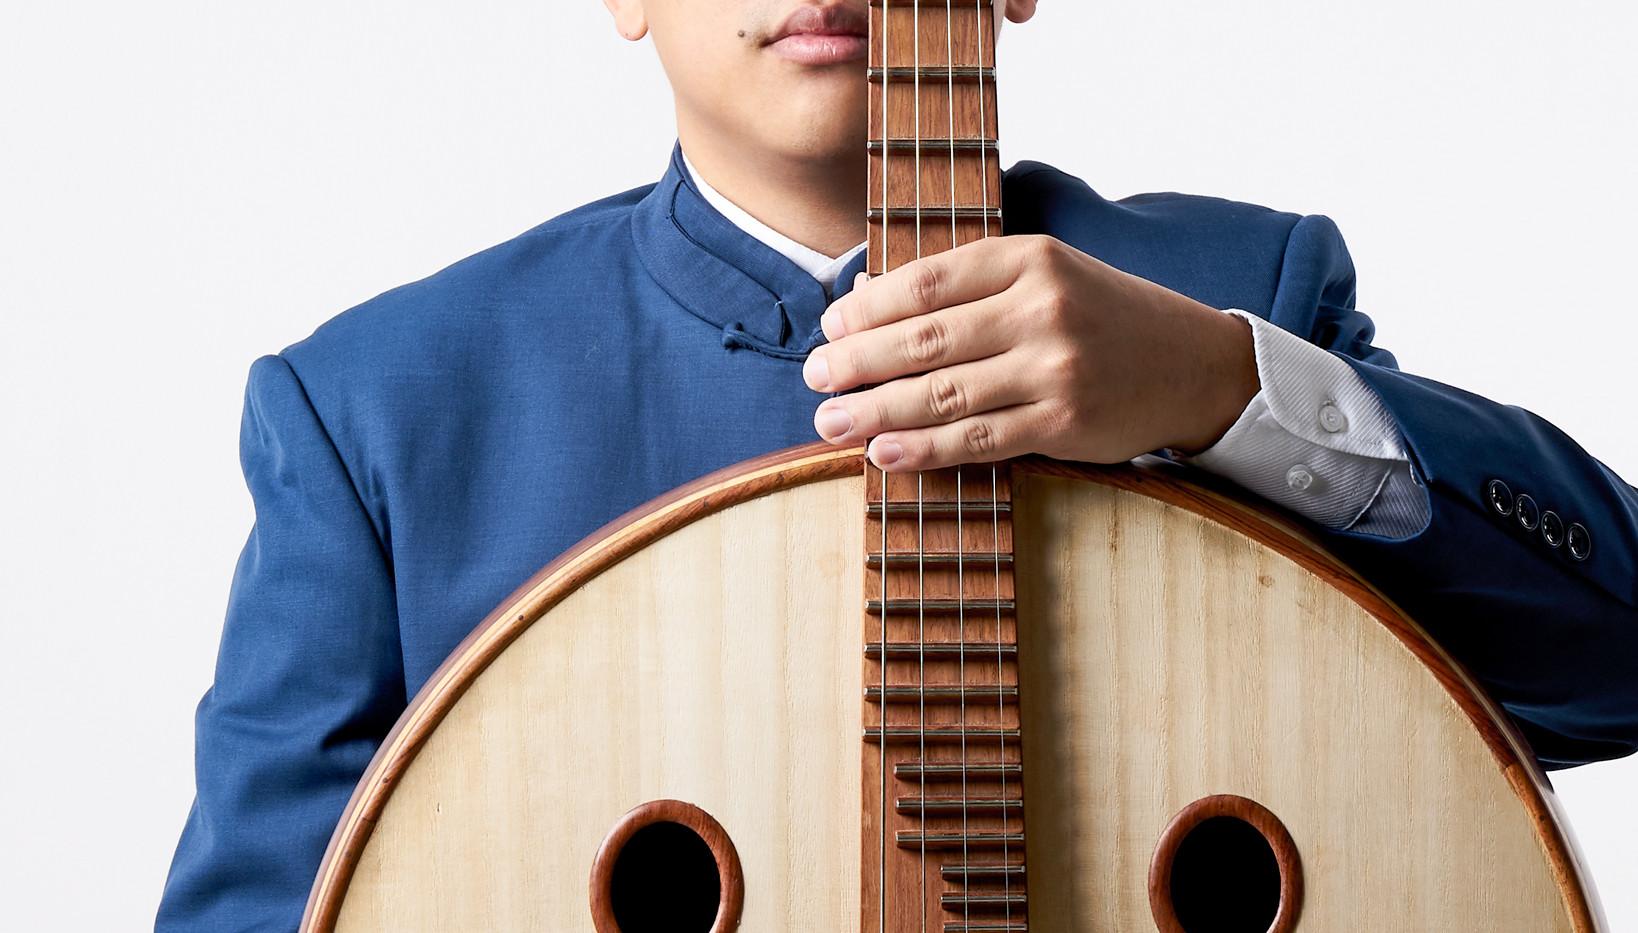 Musician06-2048.jpg